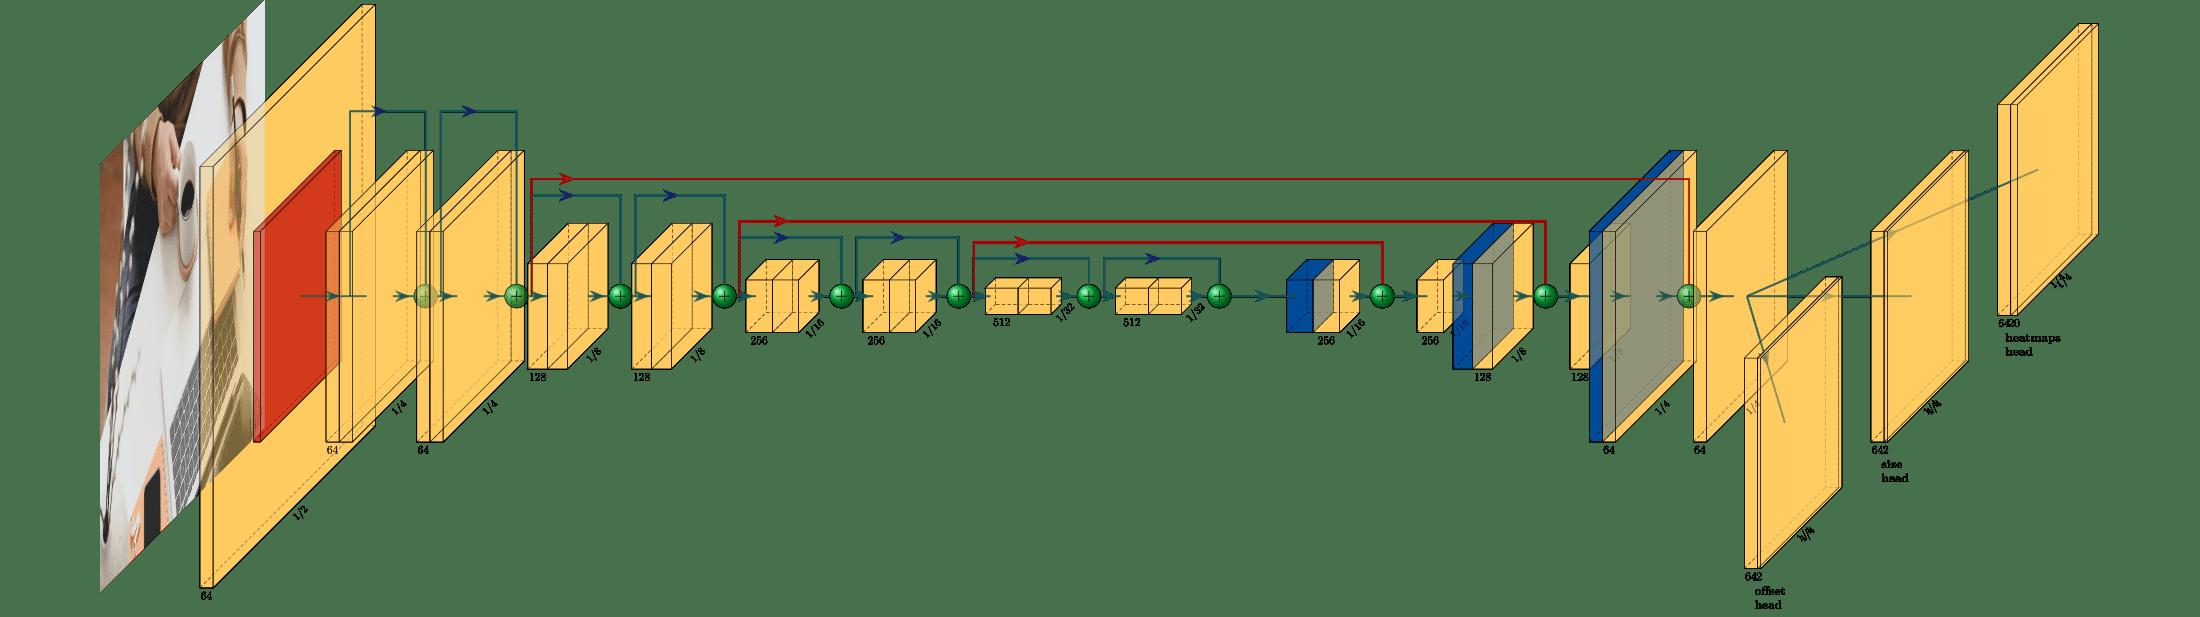 سیستم تشخیص اشیا